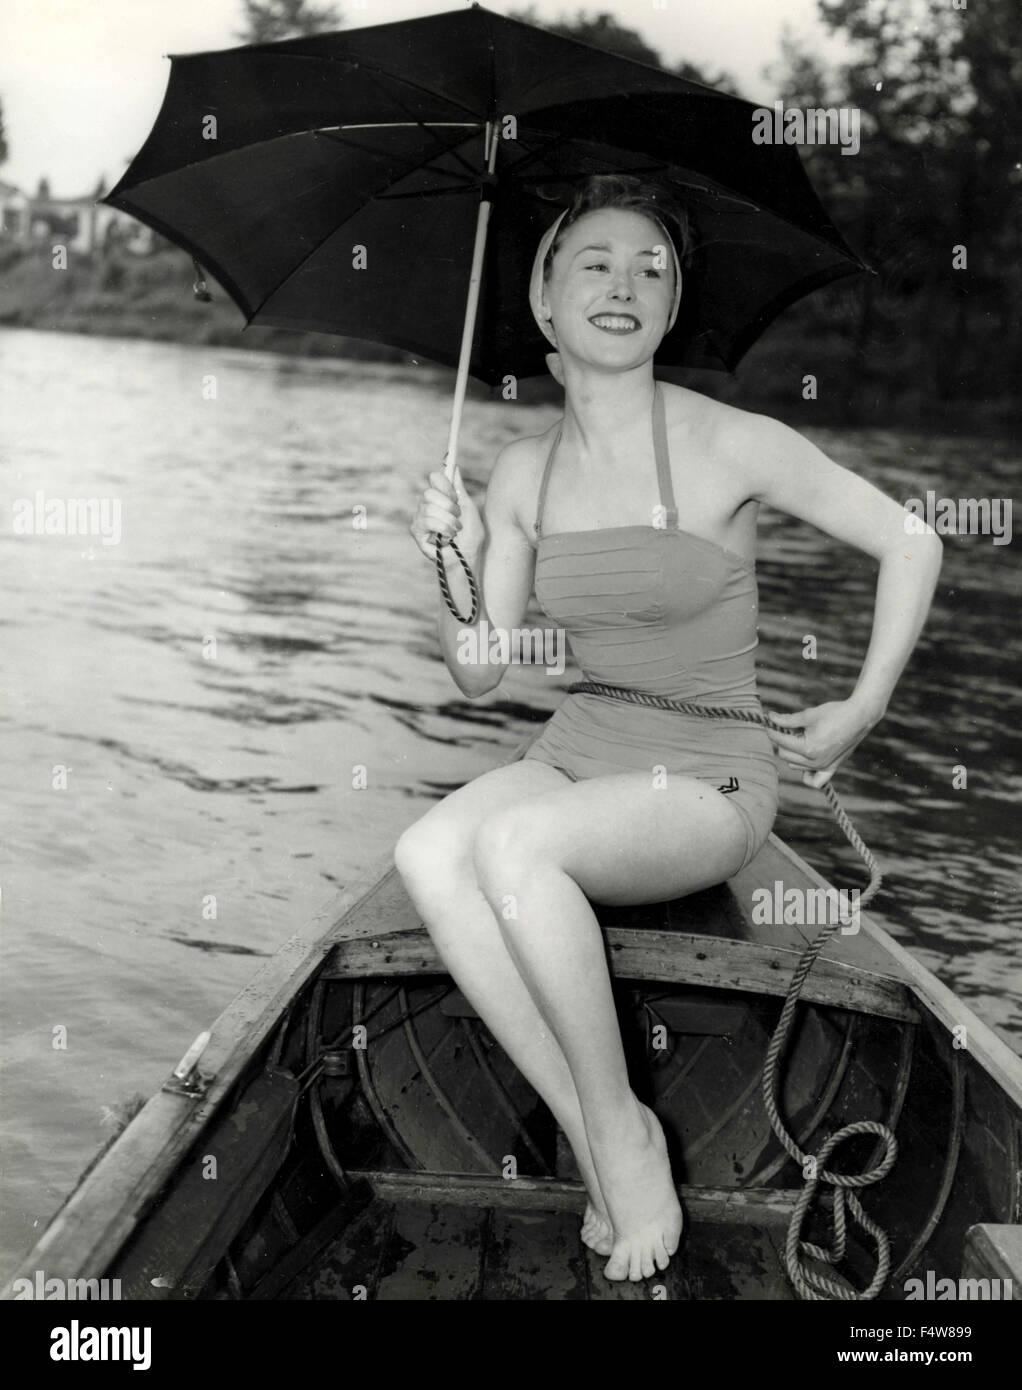 Britische Schauspielerin Joan Brown in Badeanzug und Sonnenschirm Stockbild